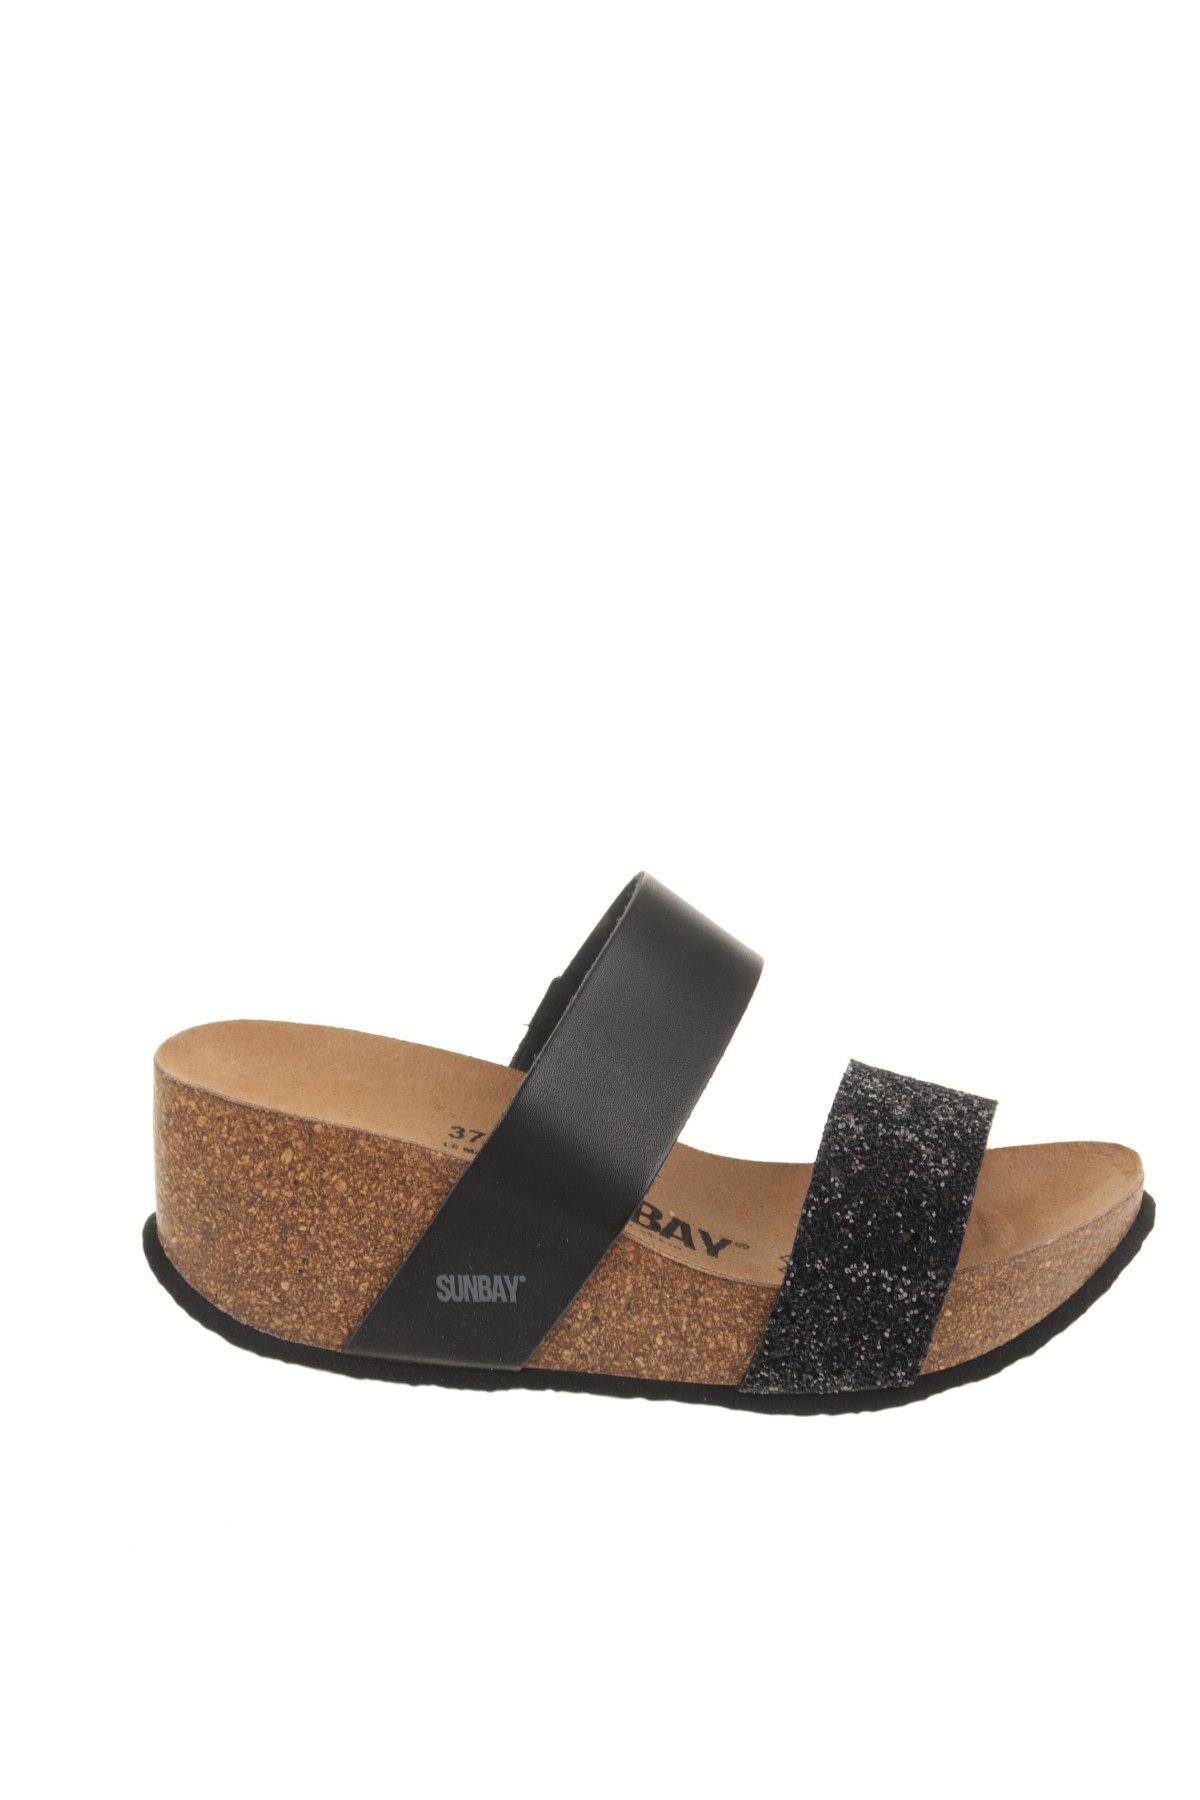 Γυναικείες παντόφλες Sunbay, Μέγεθος 37, Χρώμα Μαύρο, Δερματίνη, Τιμή 21,58€